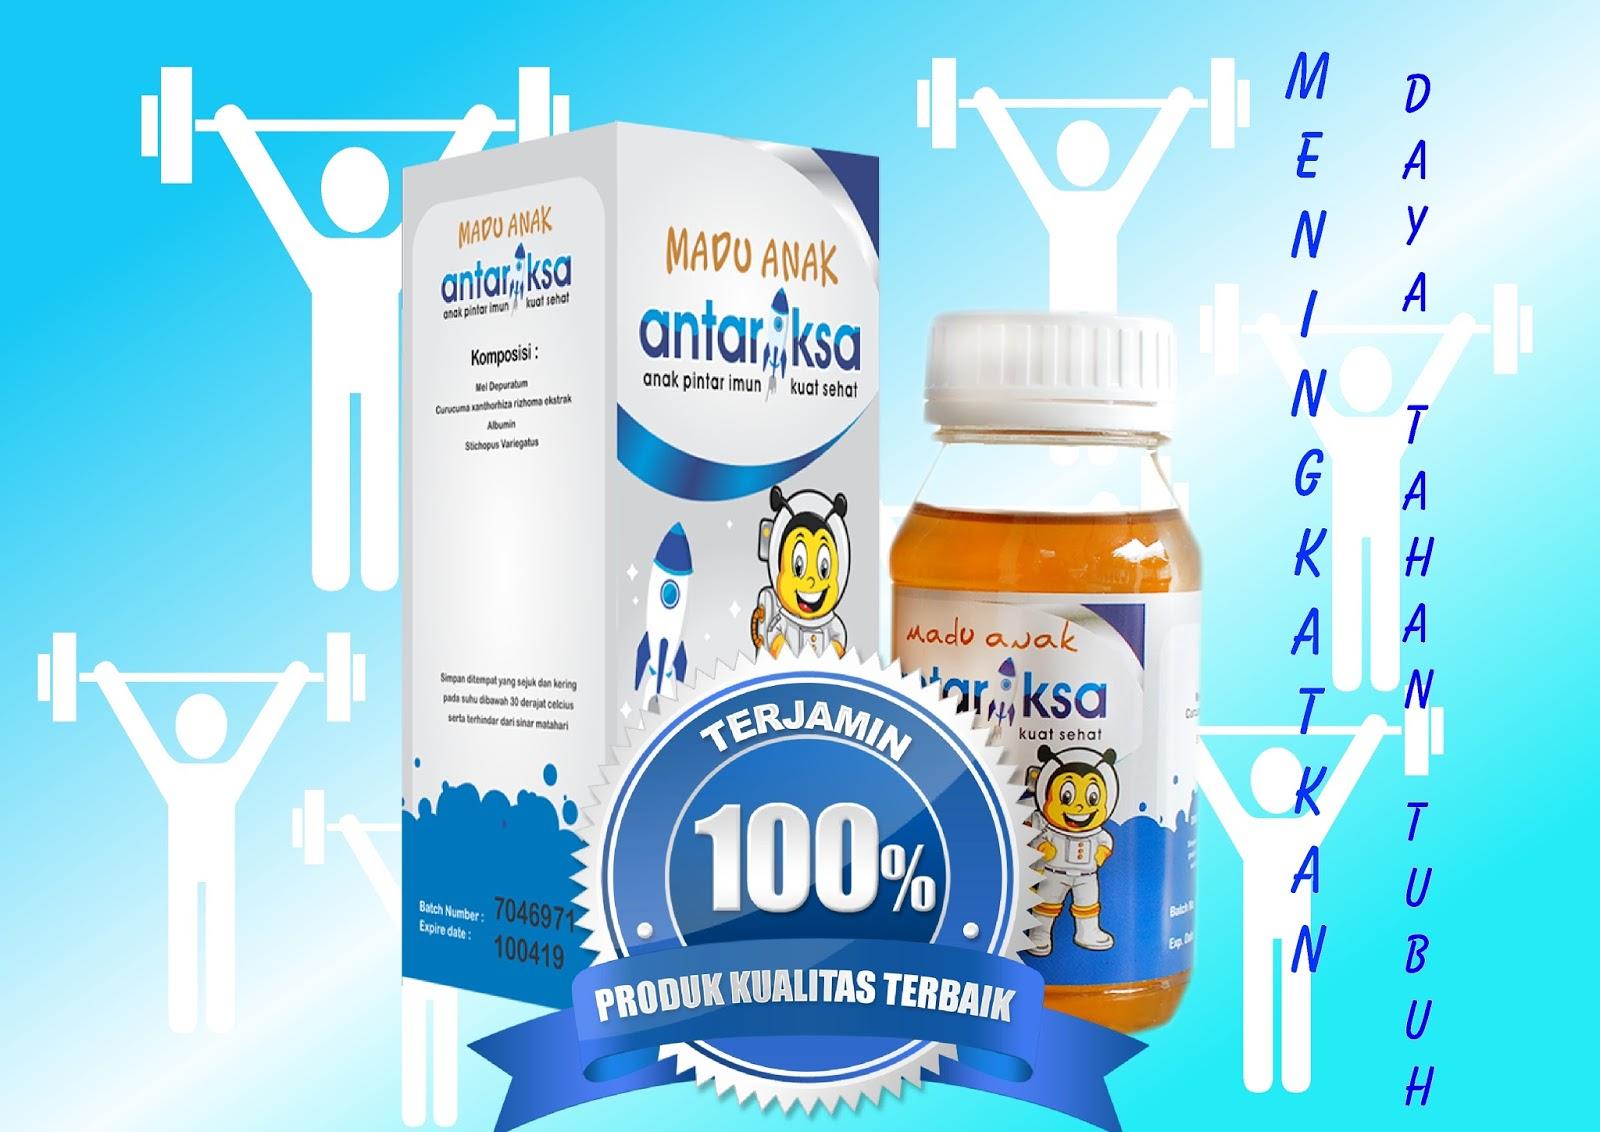 Kelebihan Vitamin Anak Madu Antariksa